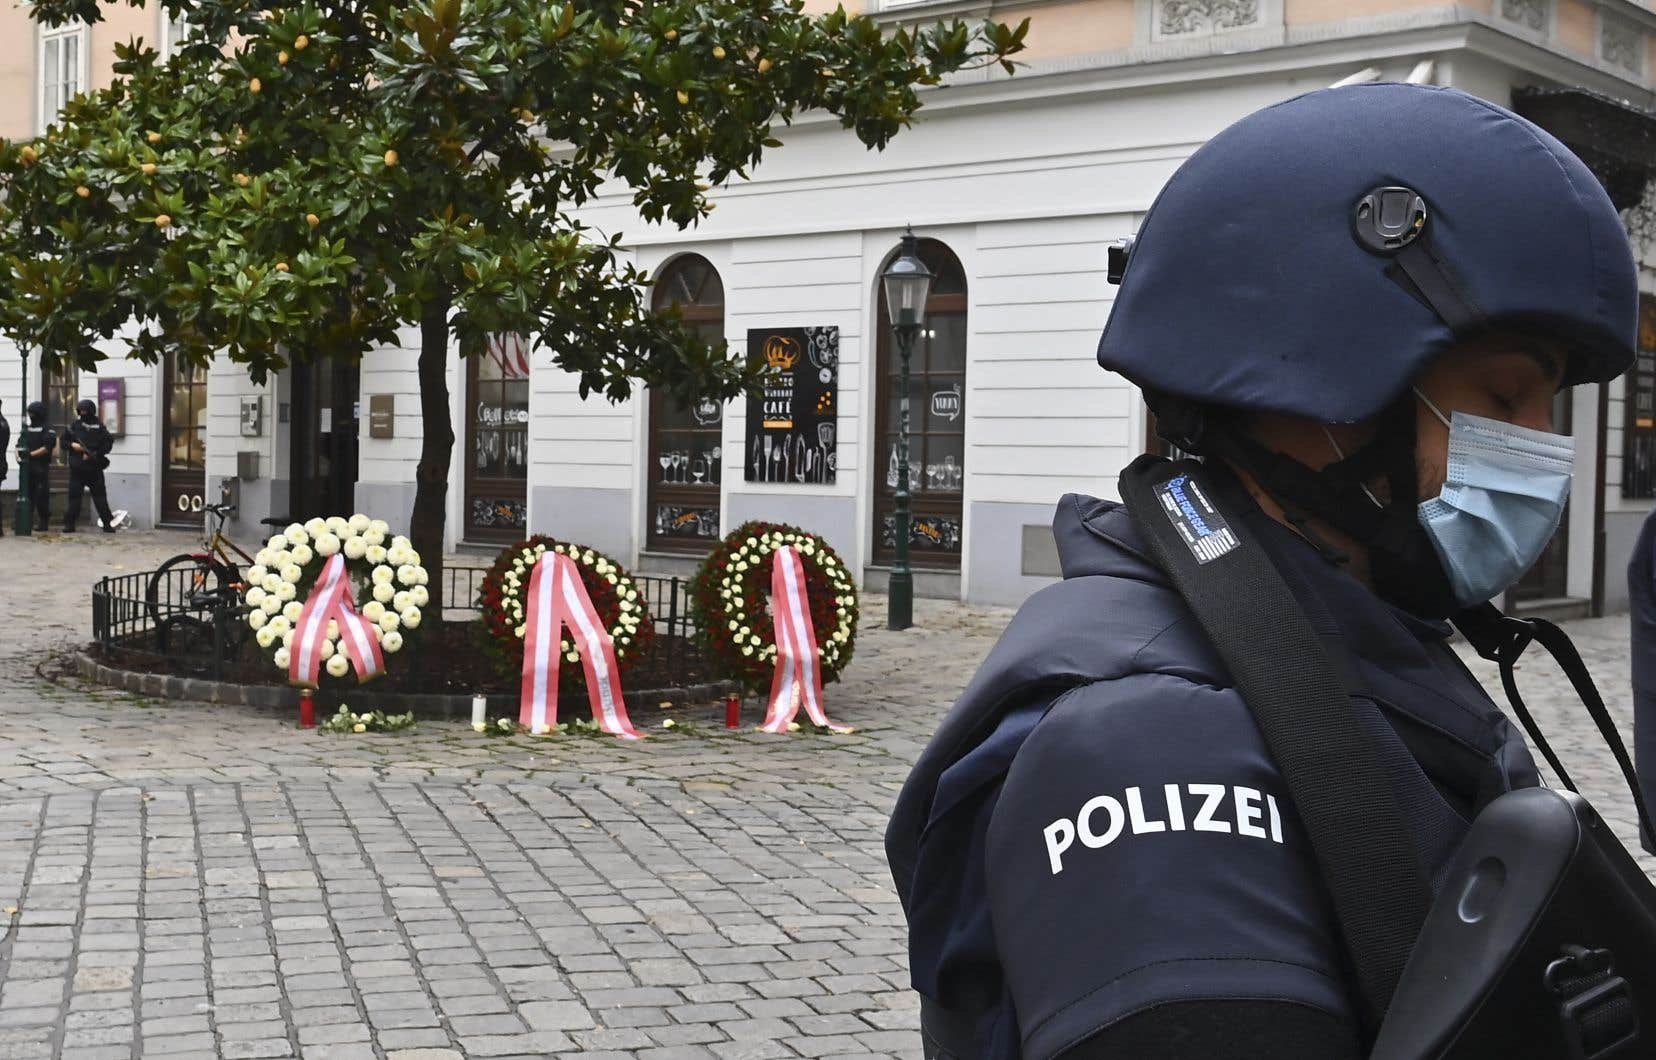 Le gouvernement autrichien avait déjà admis avoir échoué à repérer la dangerosité de l'assaillant de Vienne, malgré une alerte.